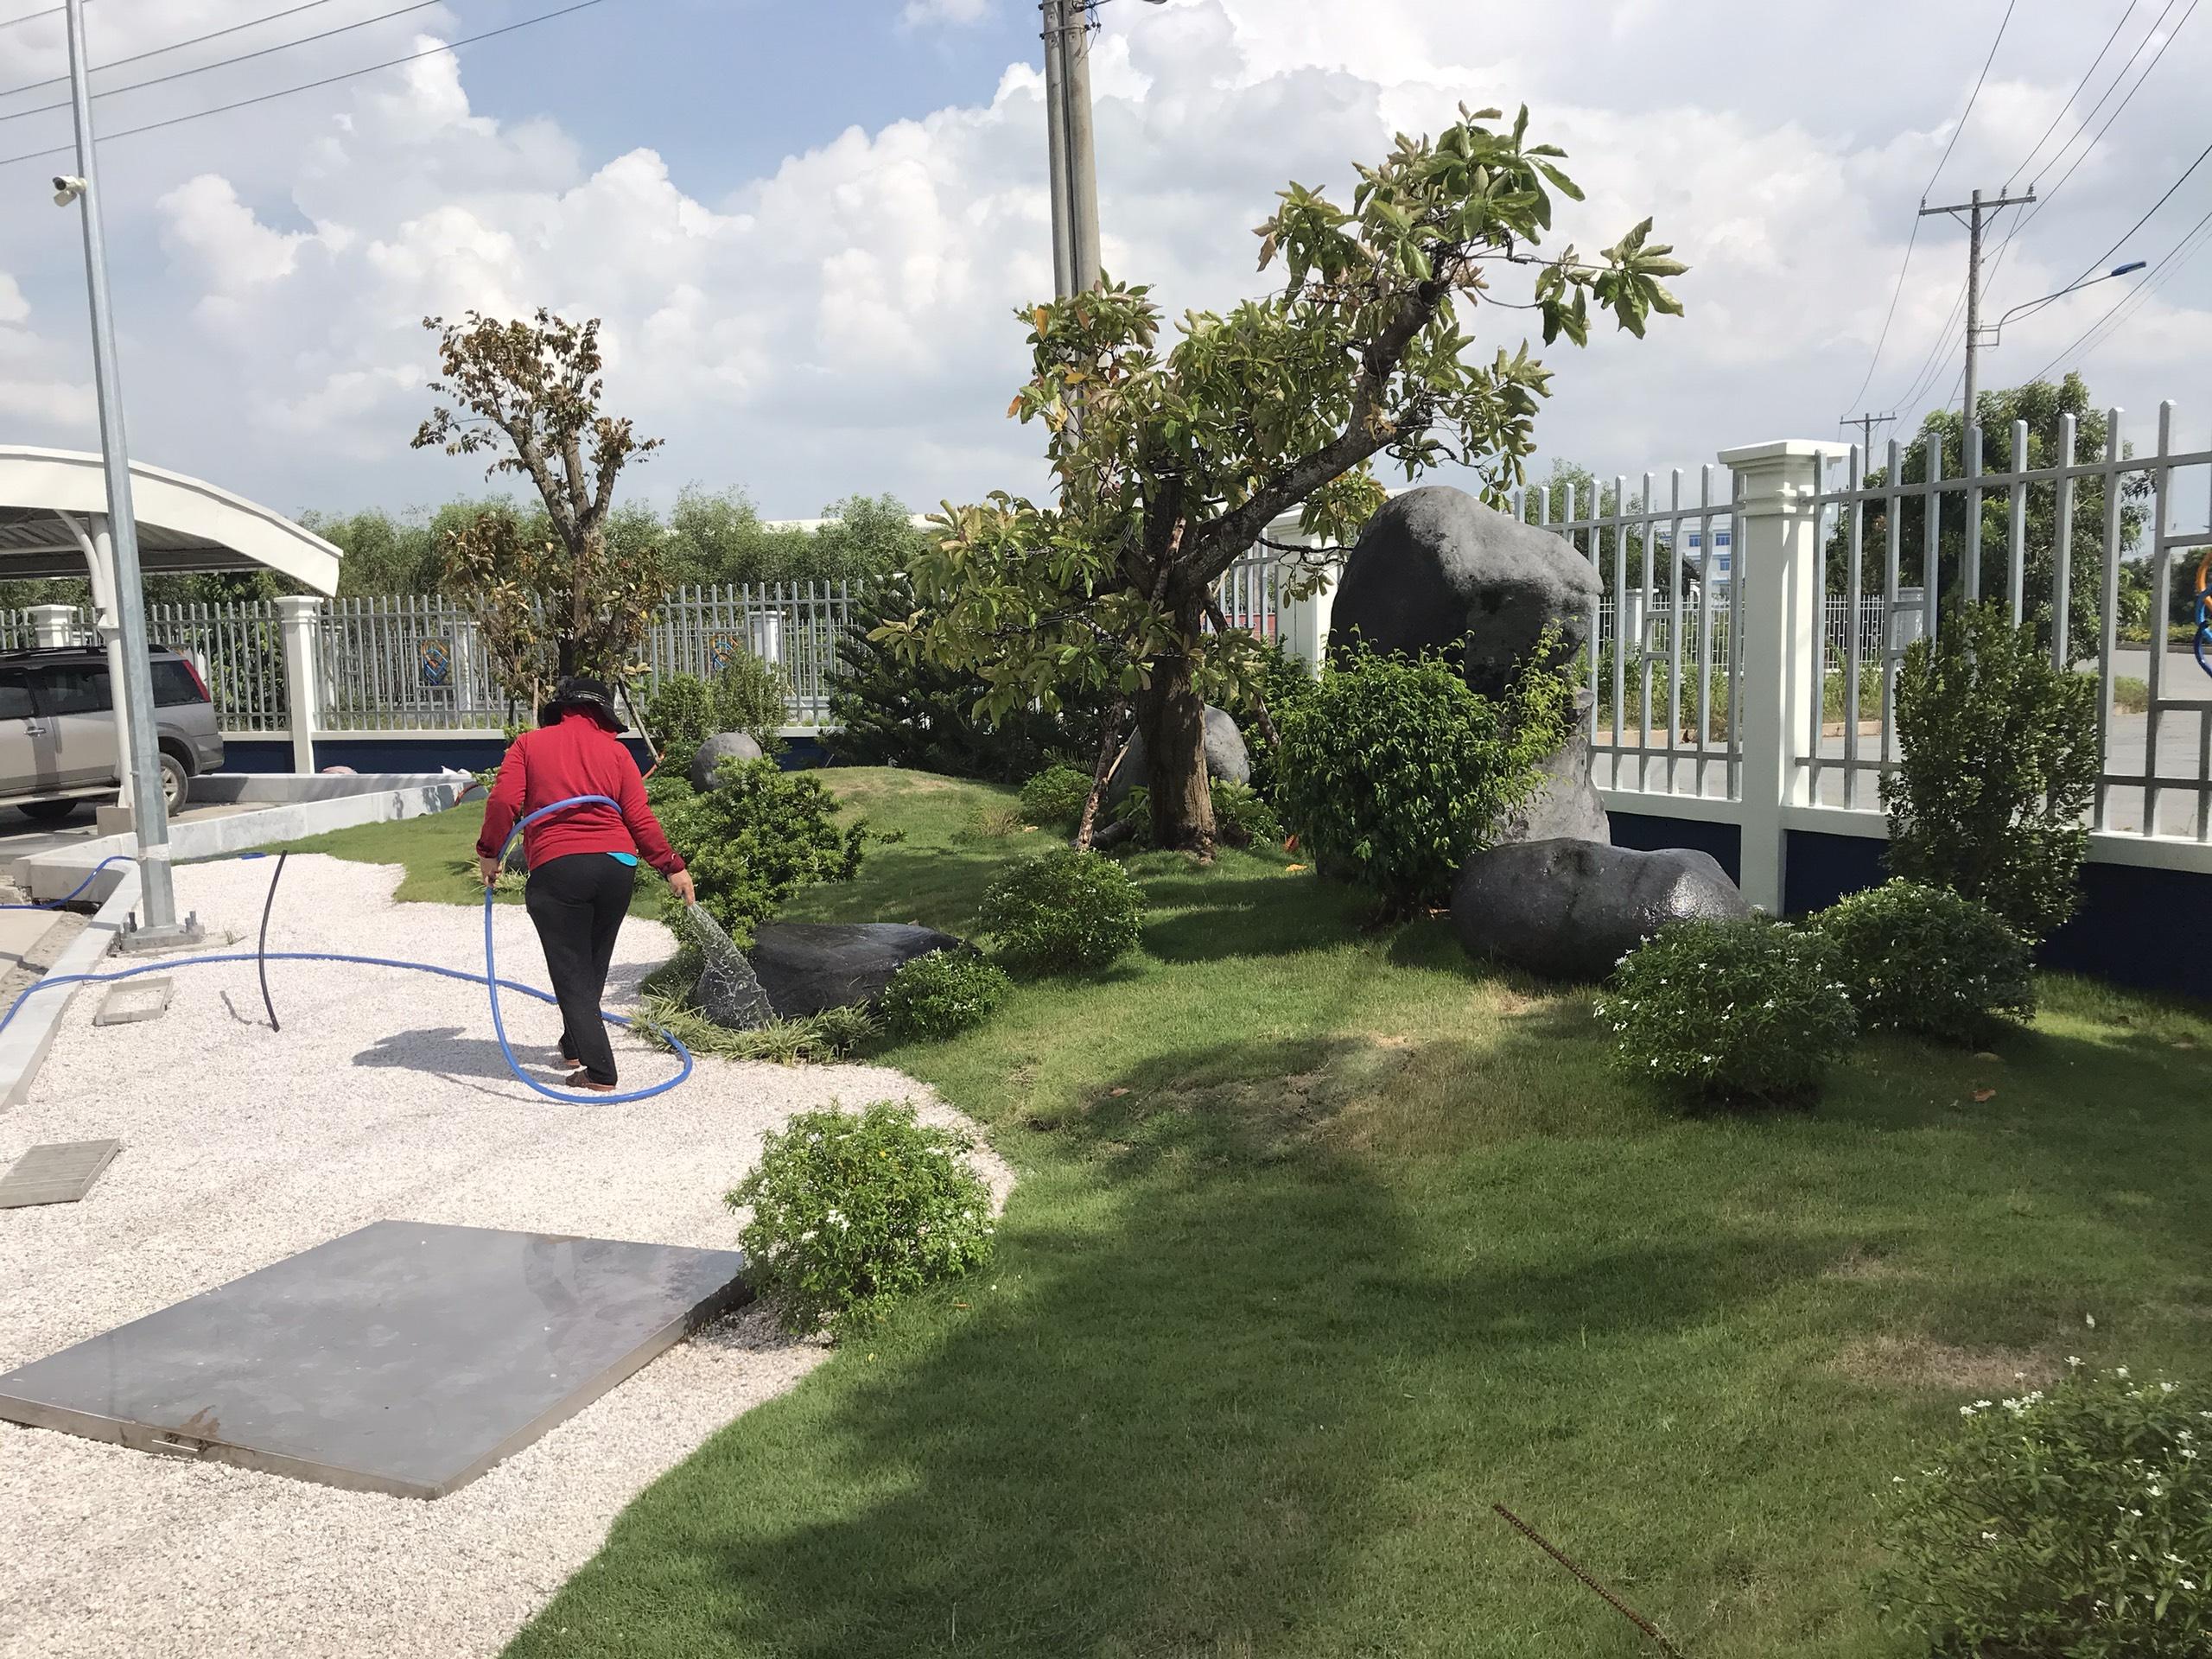 Dịch vụ chăm sóc cây xanh khu công nghiệp Thường Tân Bình Dương